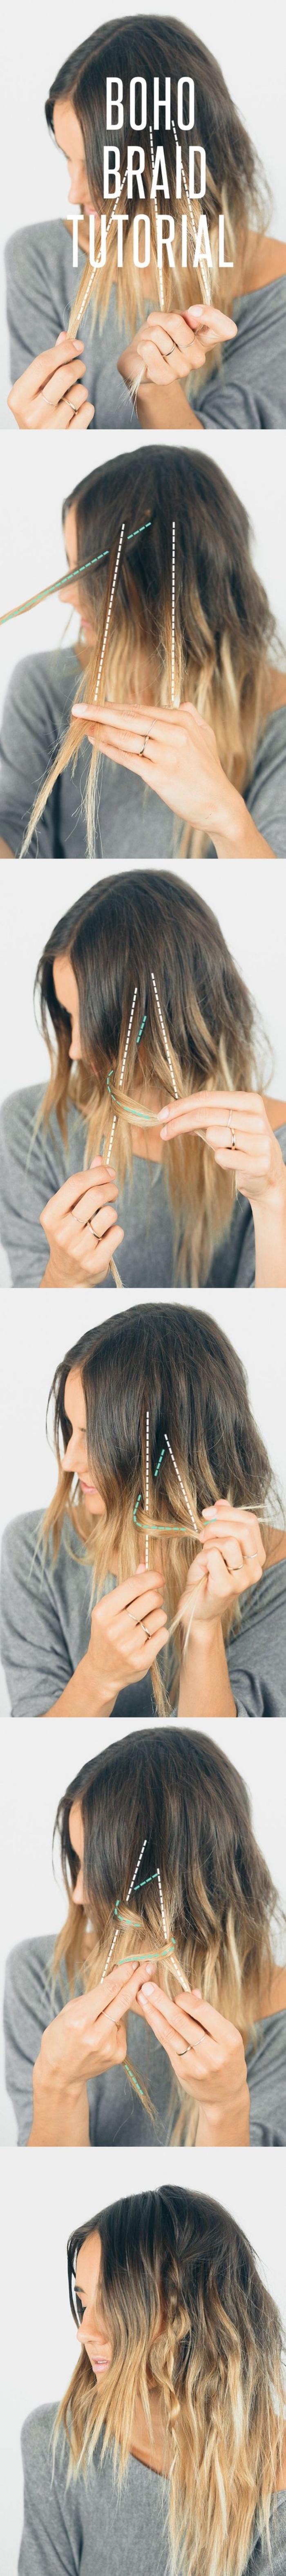 idée comment faire une tresse bohème chic dans des cheveux lâchés, tuto coiffure simple et rapide diy, ombré hair